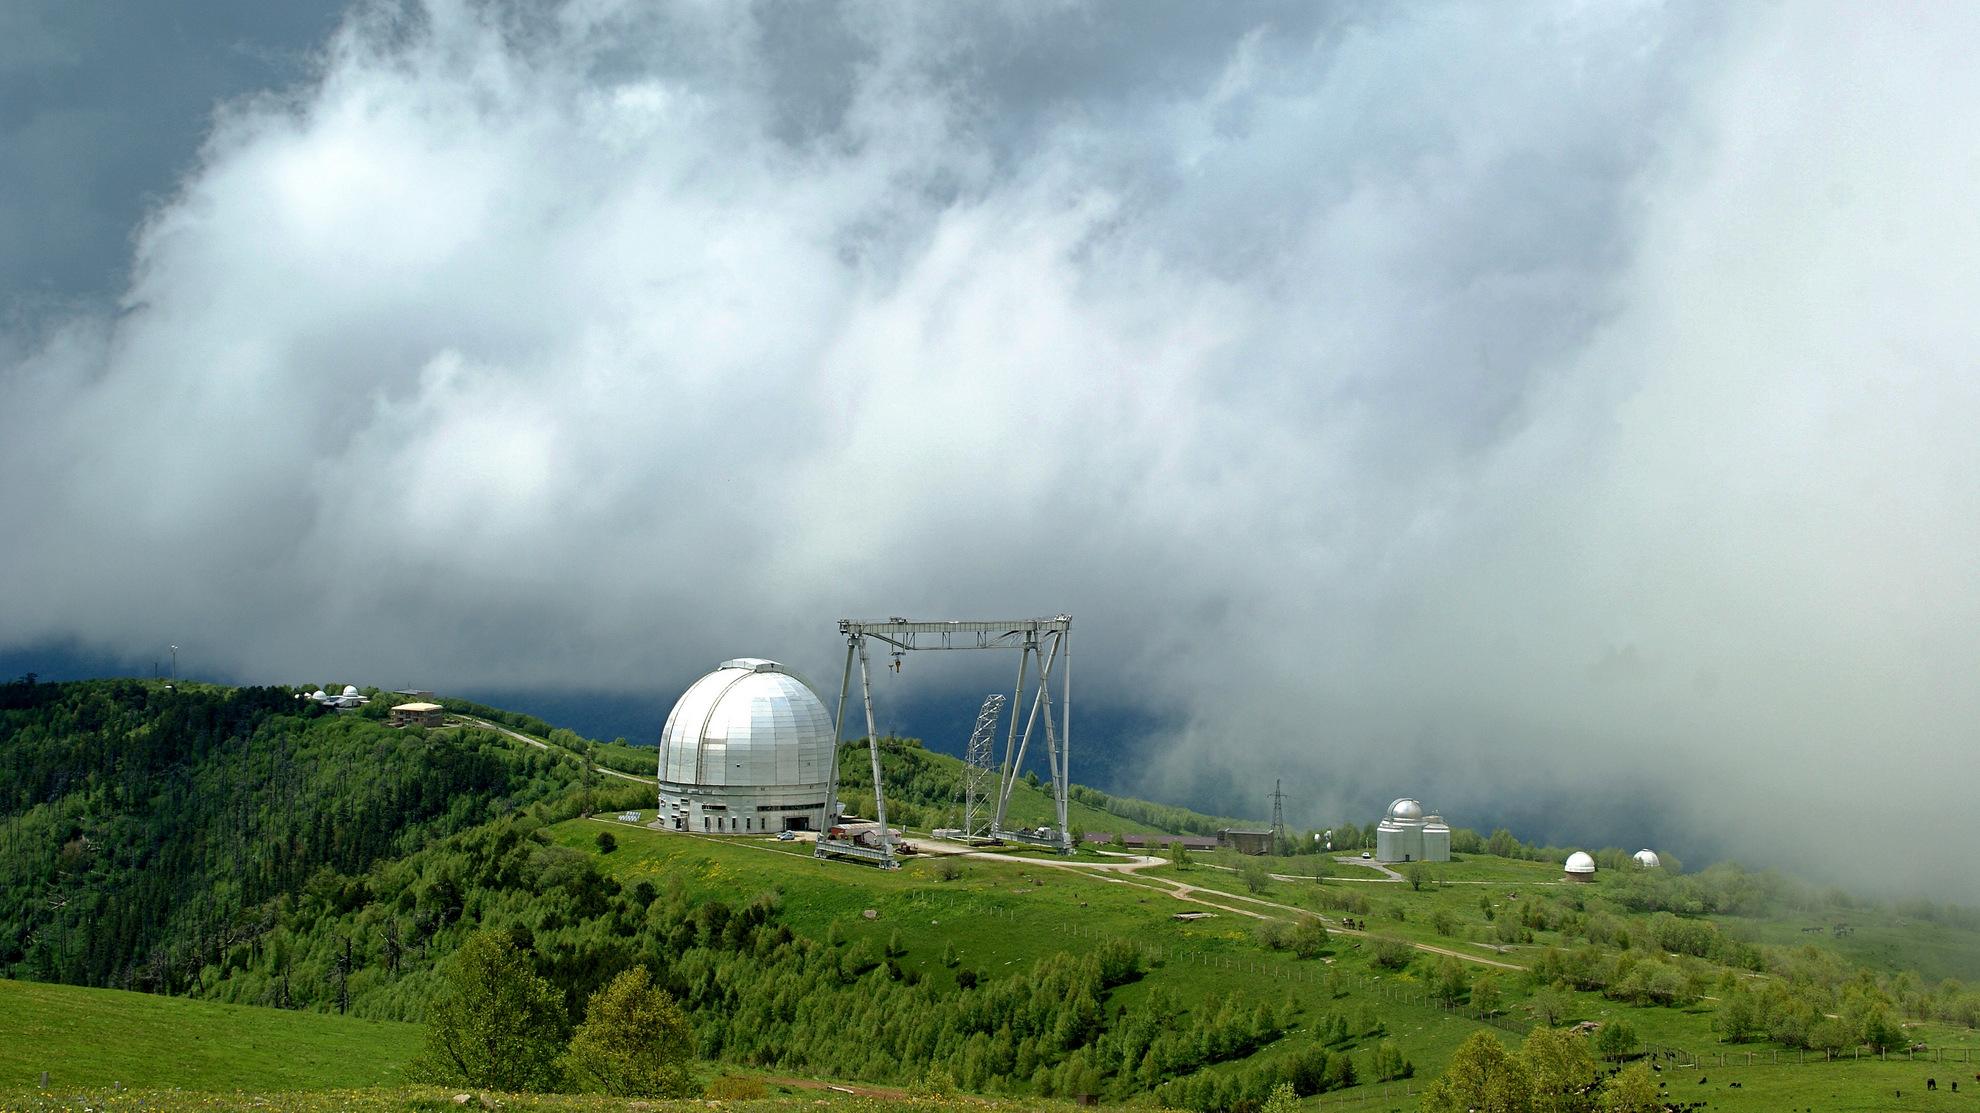 Астрономическая обсерватория.Карачаево-Черкессия.Нижний Архыз.Находится на горе Пастухова на высоте 2050м